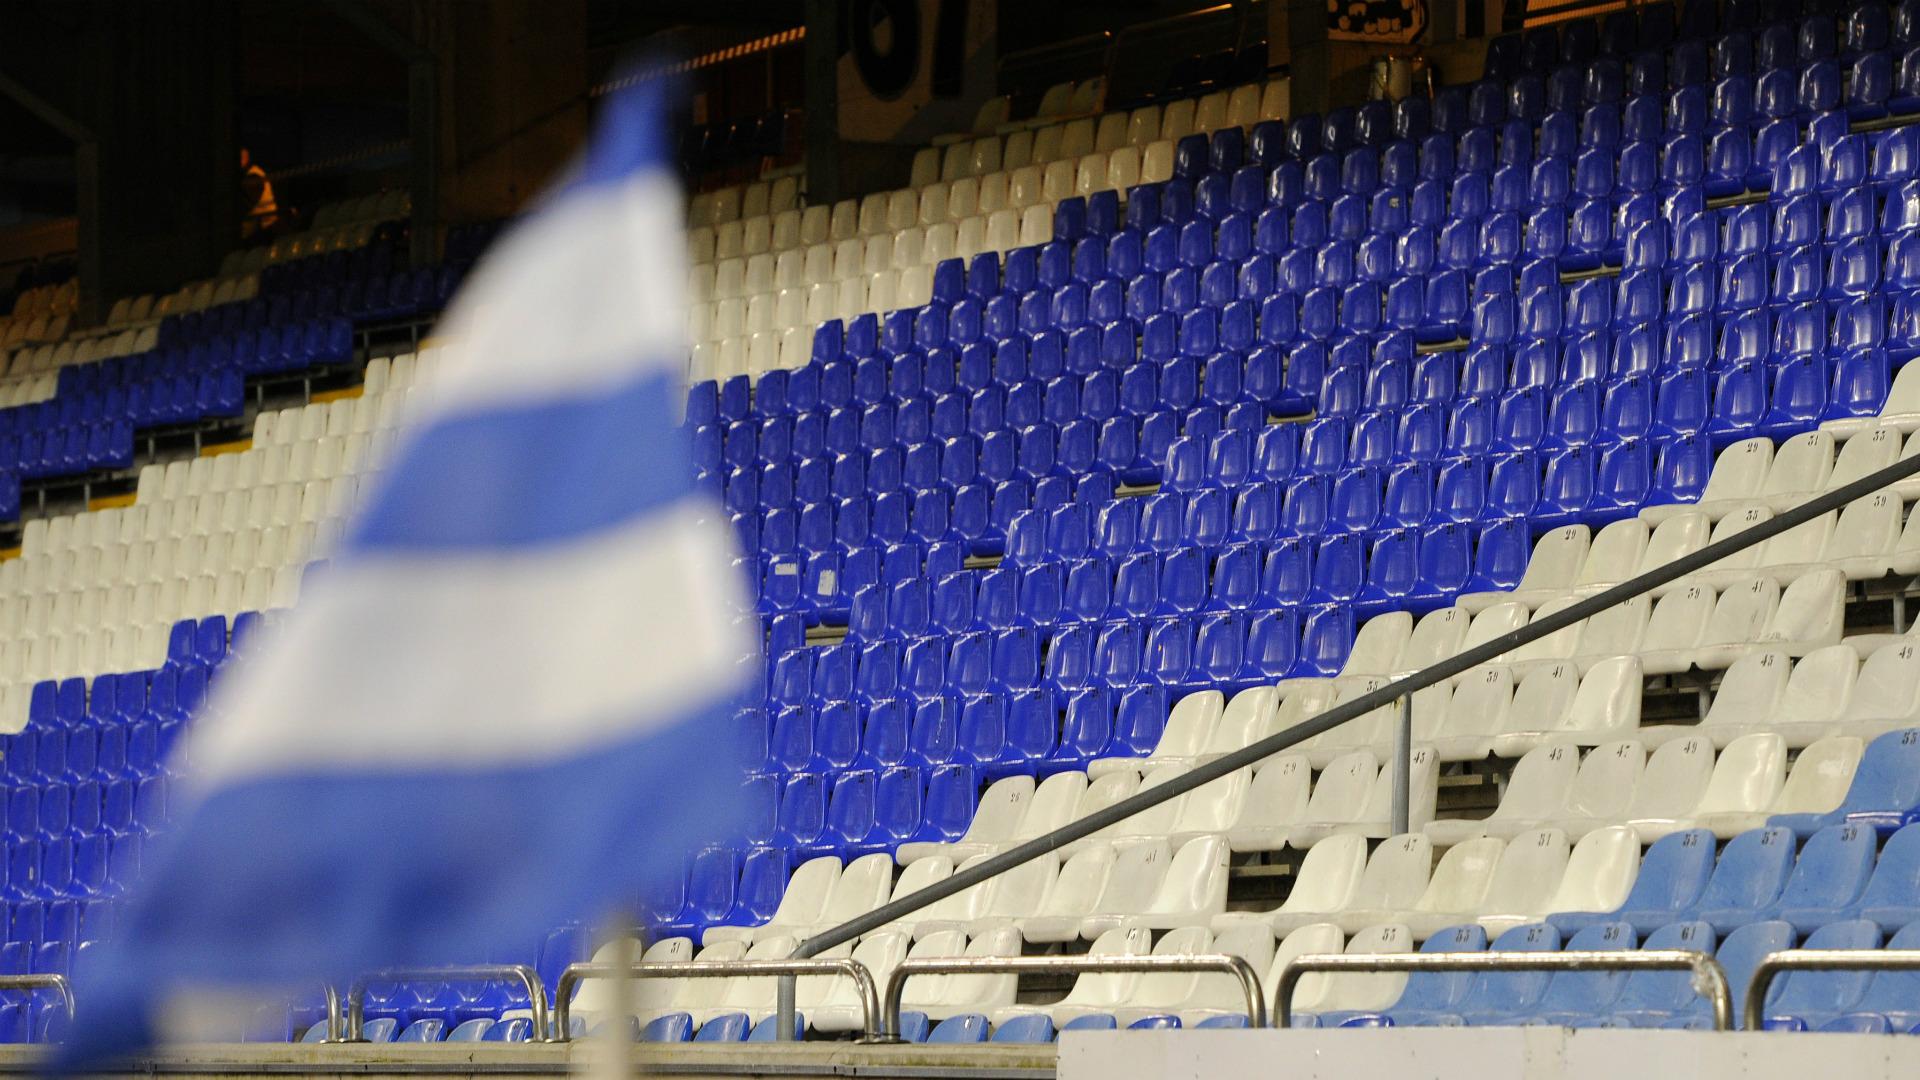 Riazor Blues Deportivo Coruna Malaga Copa del Rey 12032014